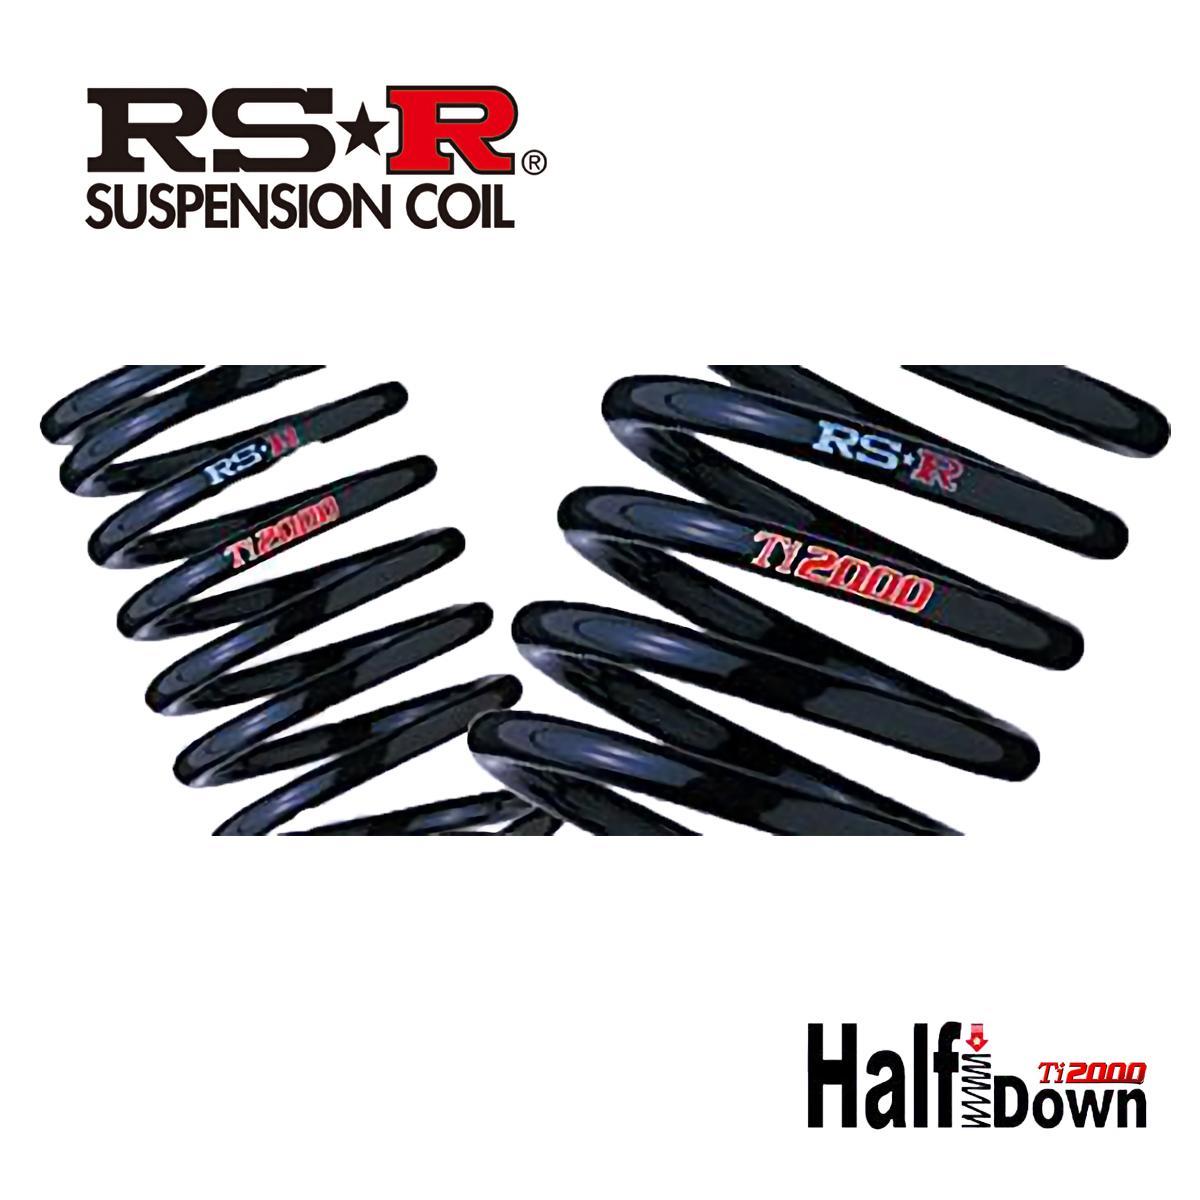 RS-R トール M900S ダウンサス スプリング 海外並行輸入正規品 フロント T513THDF Ti2000 カスタムG HALF SAII お中元 個人宅発送追金有 ハーフダウン DOWN RSR